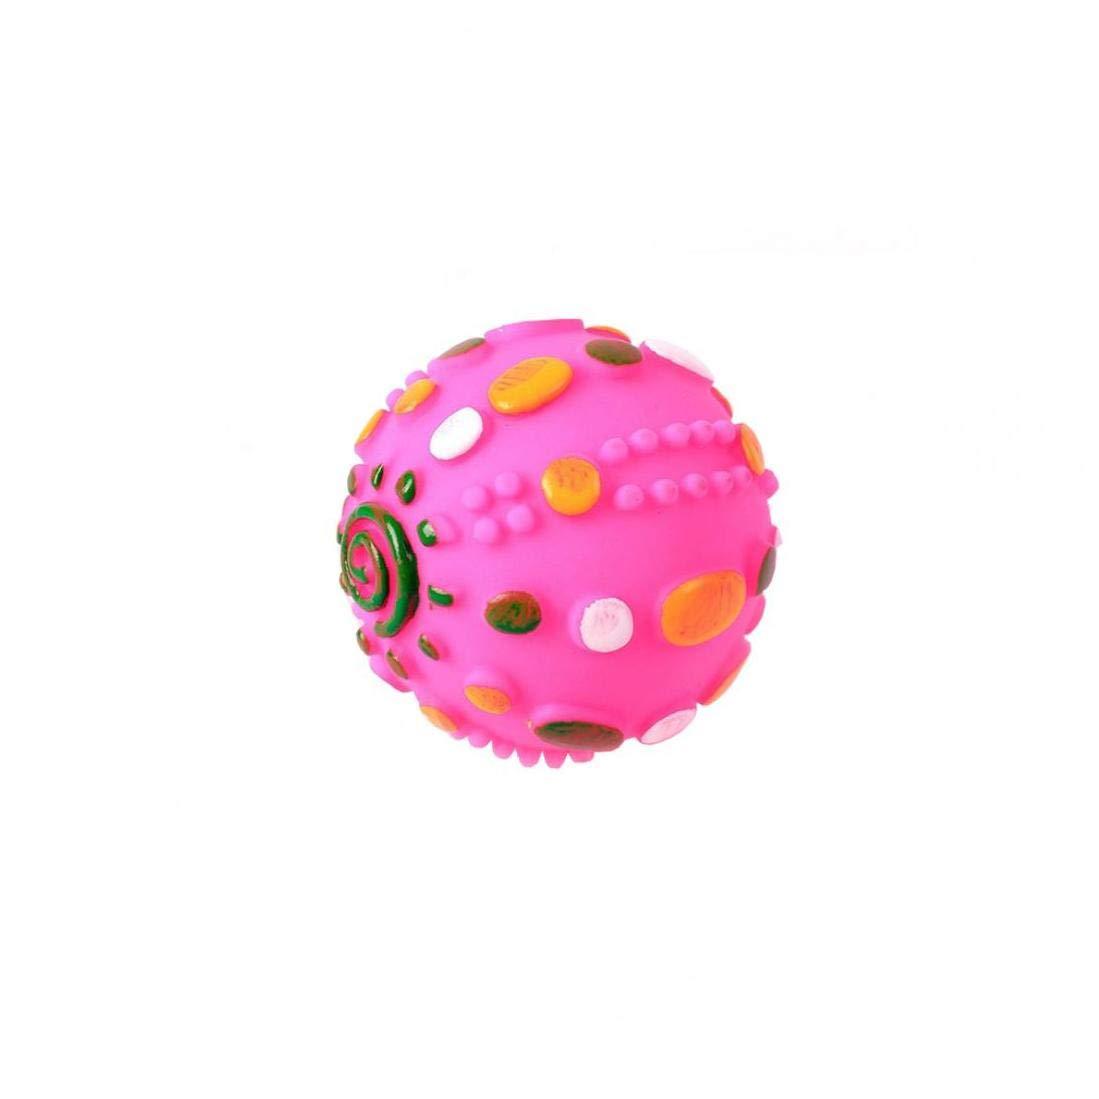 tJexePYK Bola Cubierta De Perro De Juguete 1pc Medio Squeaker De La Bola para Perros Peque/ños Y Cachorros De Perro De Juguete De Color Aleatorio